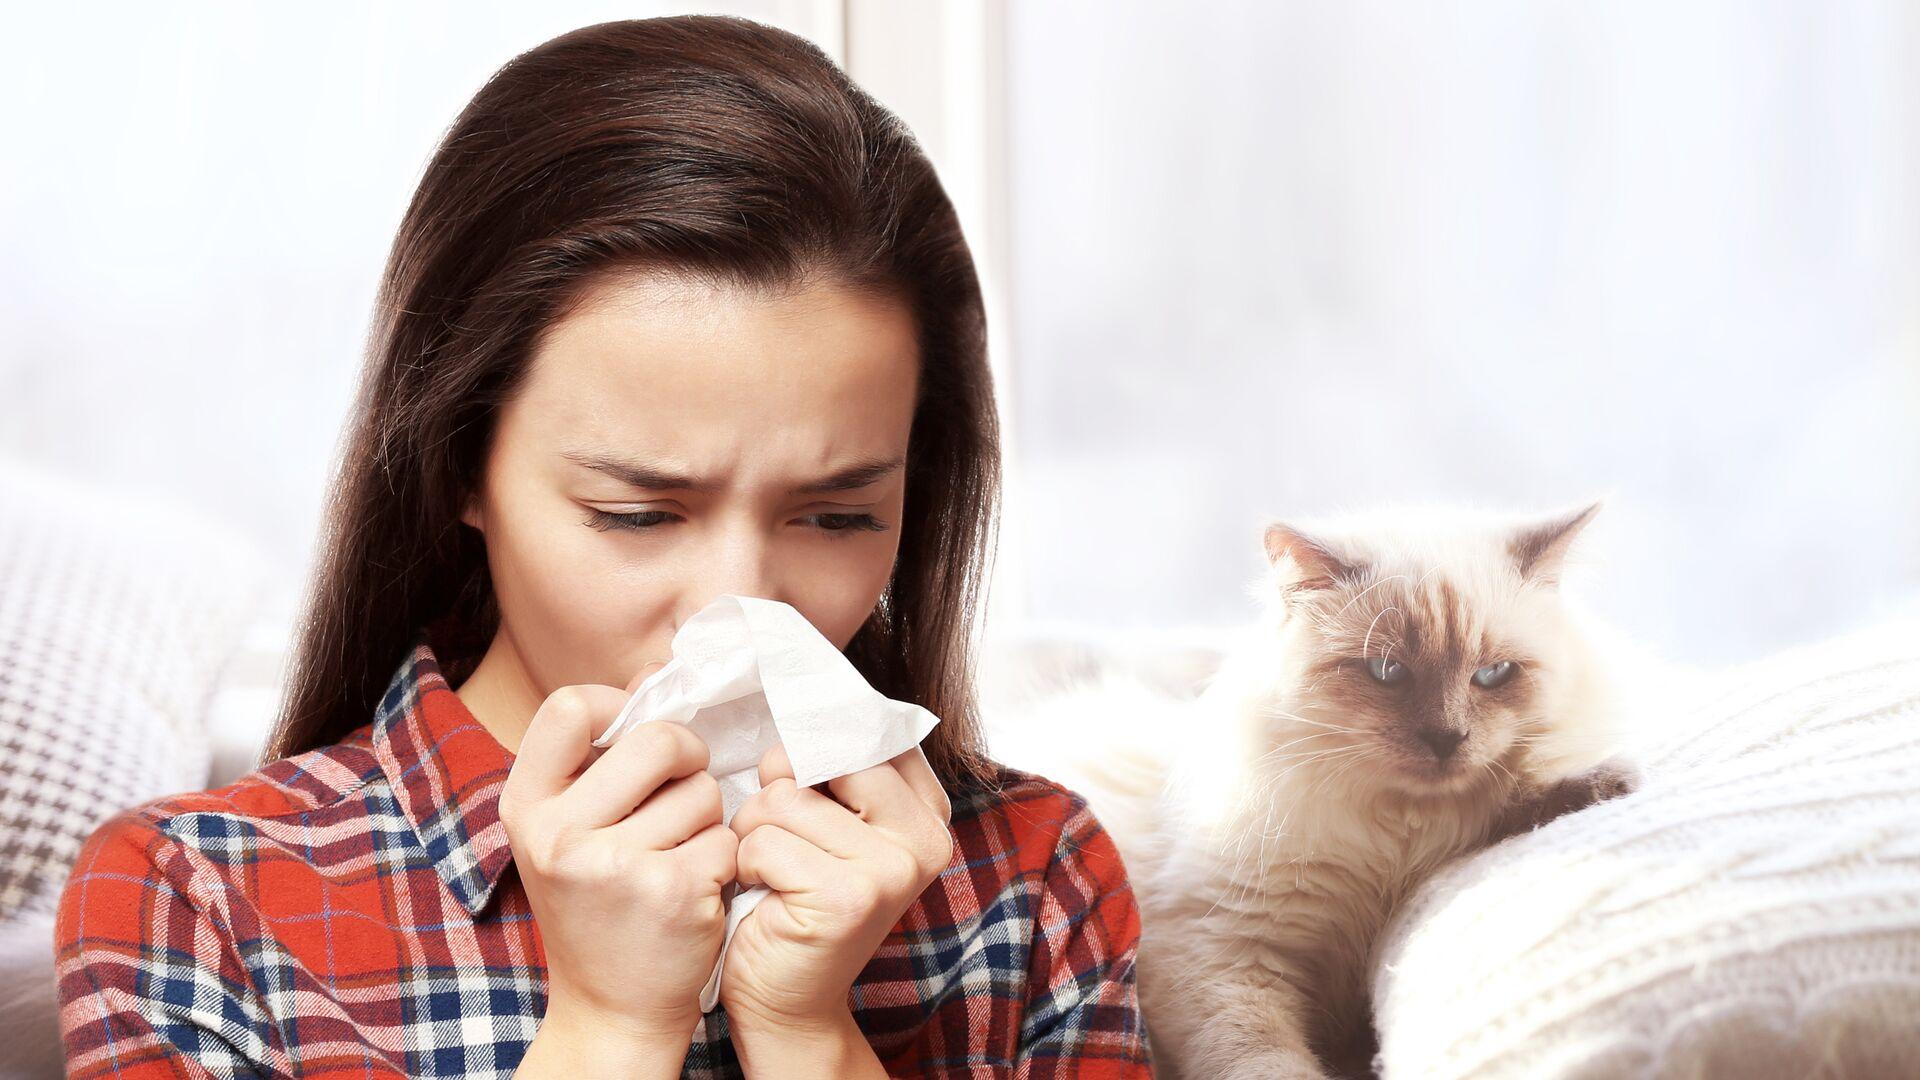 Девушка с аллергией на кошек - РИА Новости, 1920, 19.10.2020